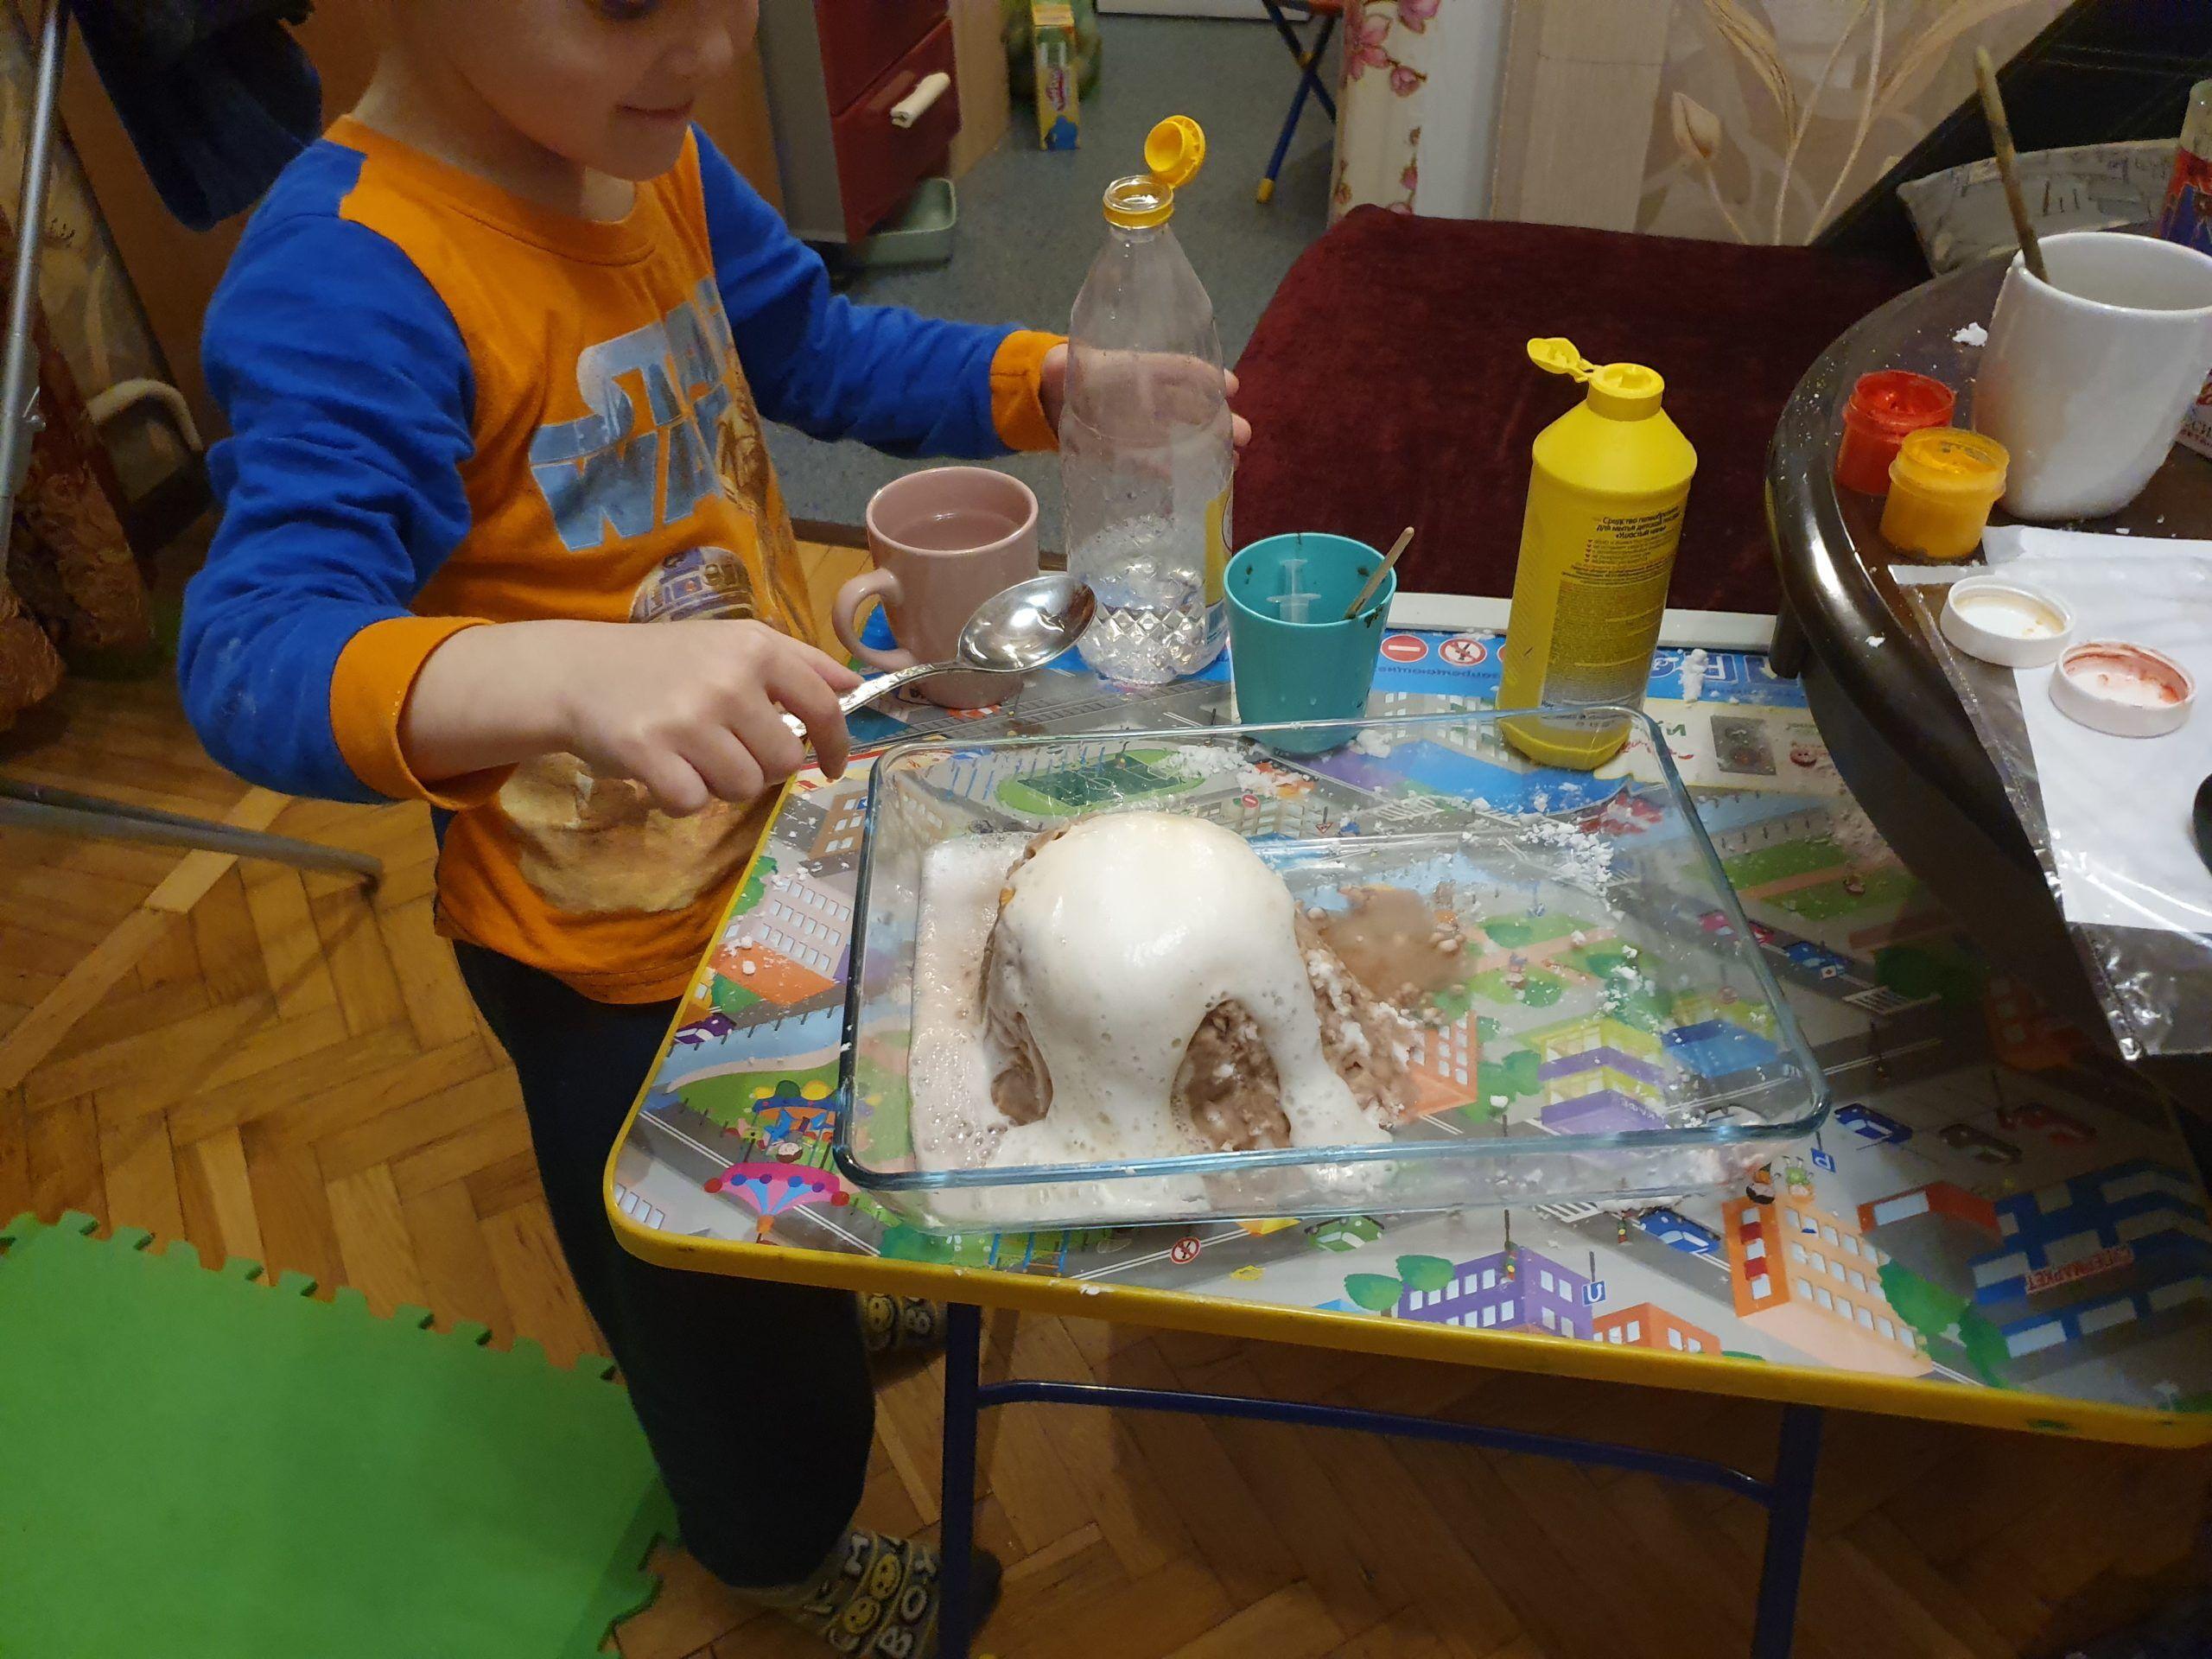 Извержение вулкана своими руками в домашних условиях